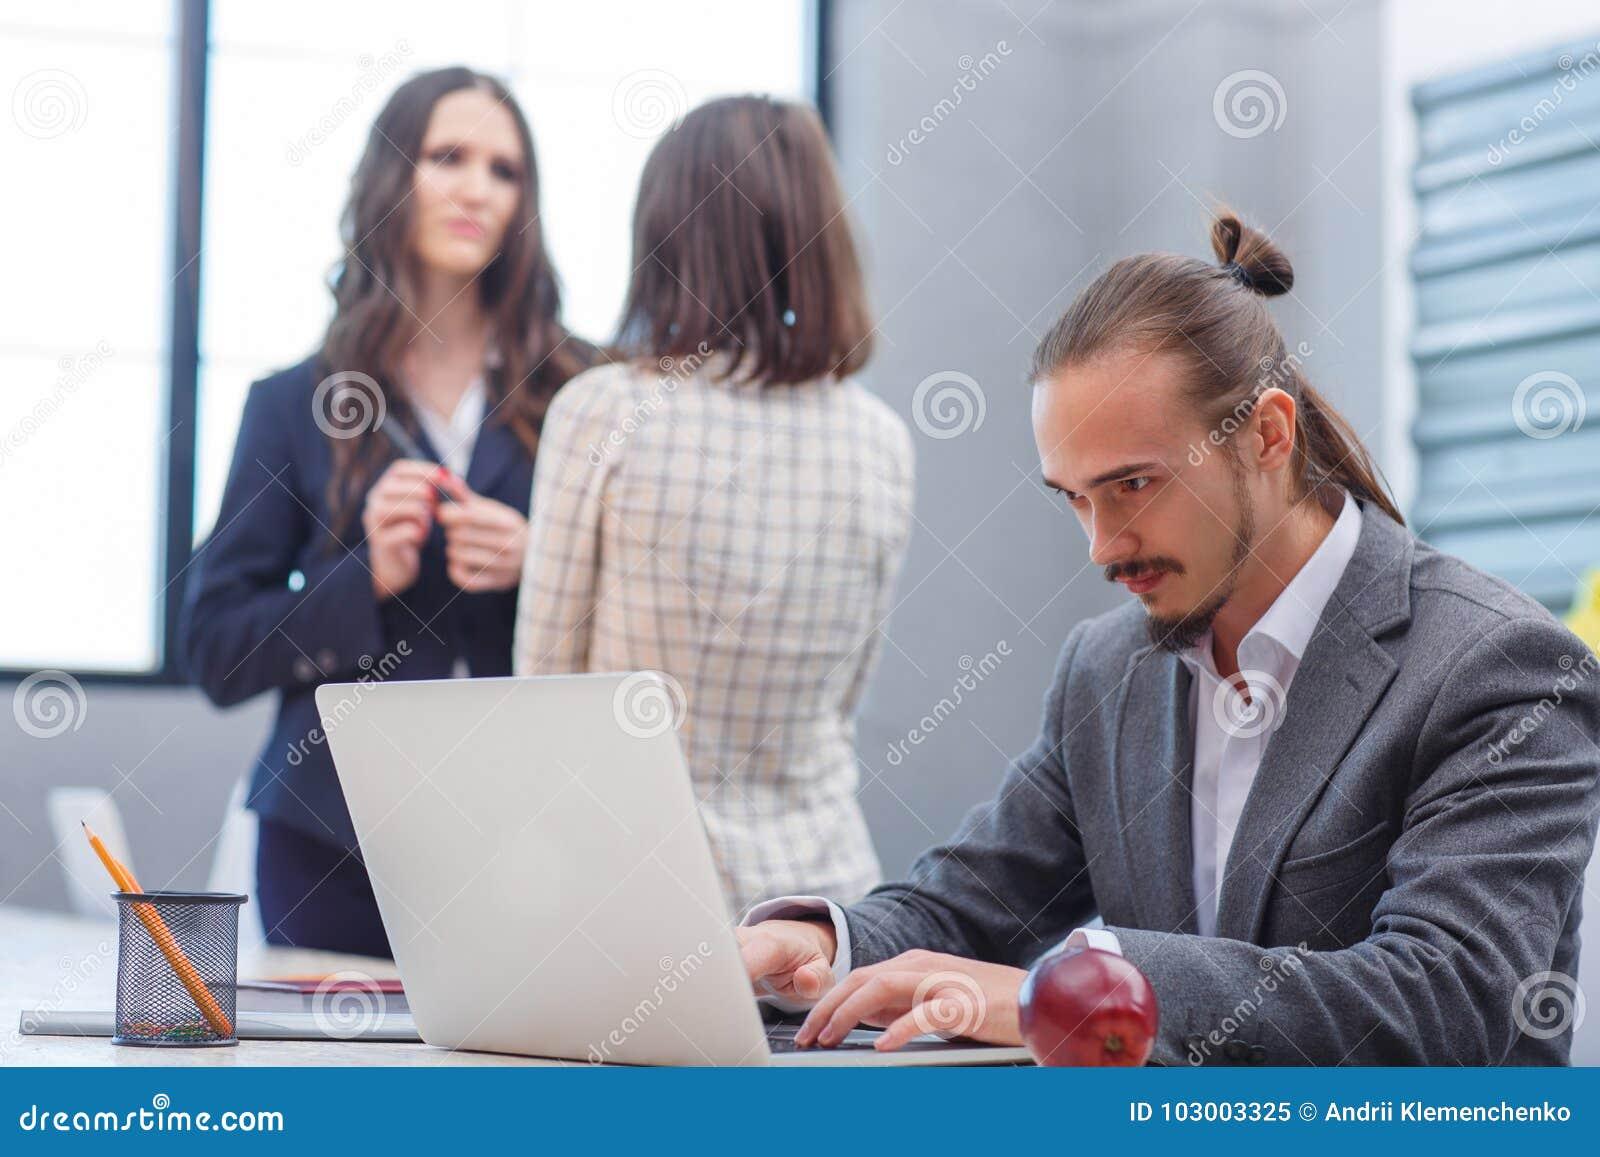 siti porno consigliati chat gratuite incontri